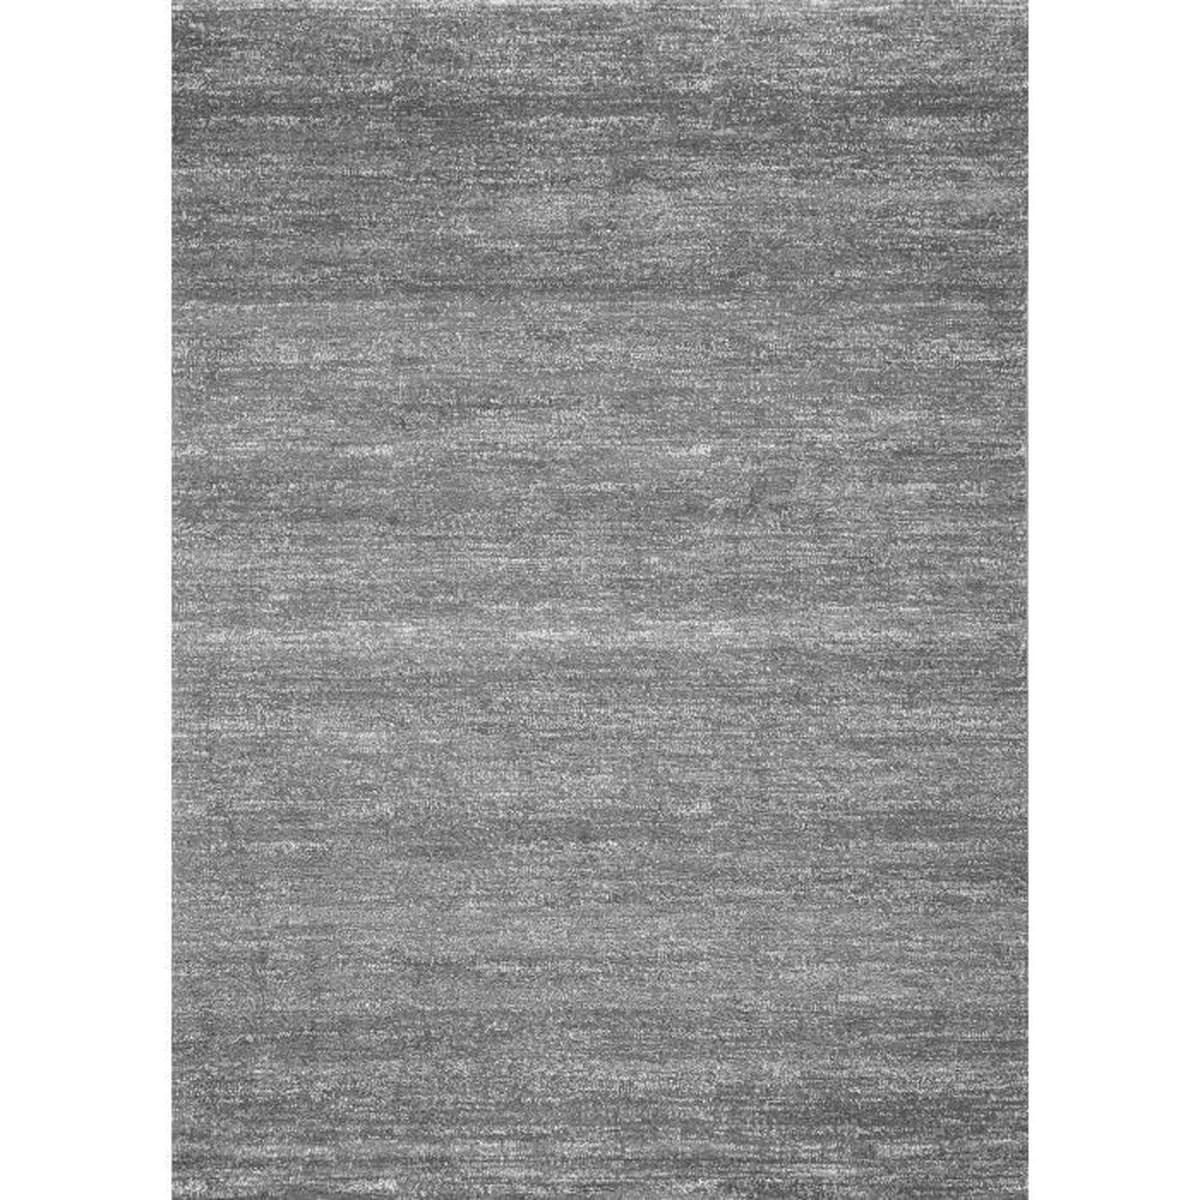 tapis moderne a poils ras chine gris et blanc pour salon 80x150 cm